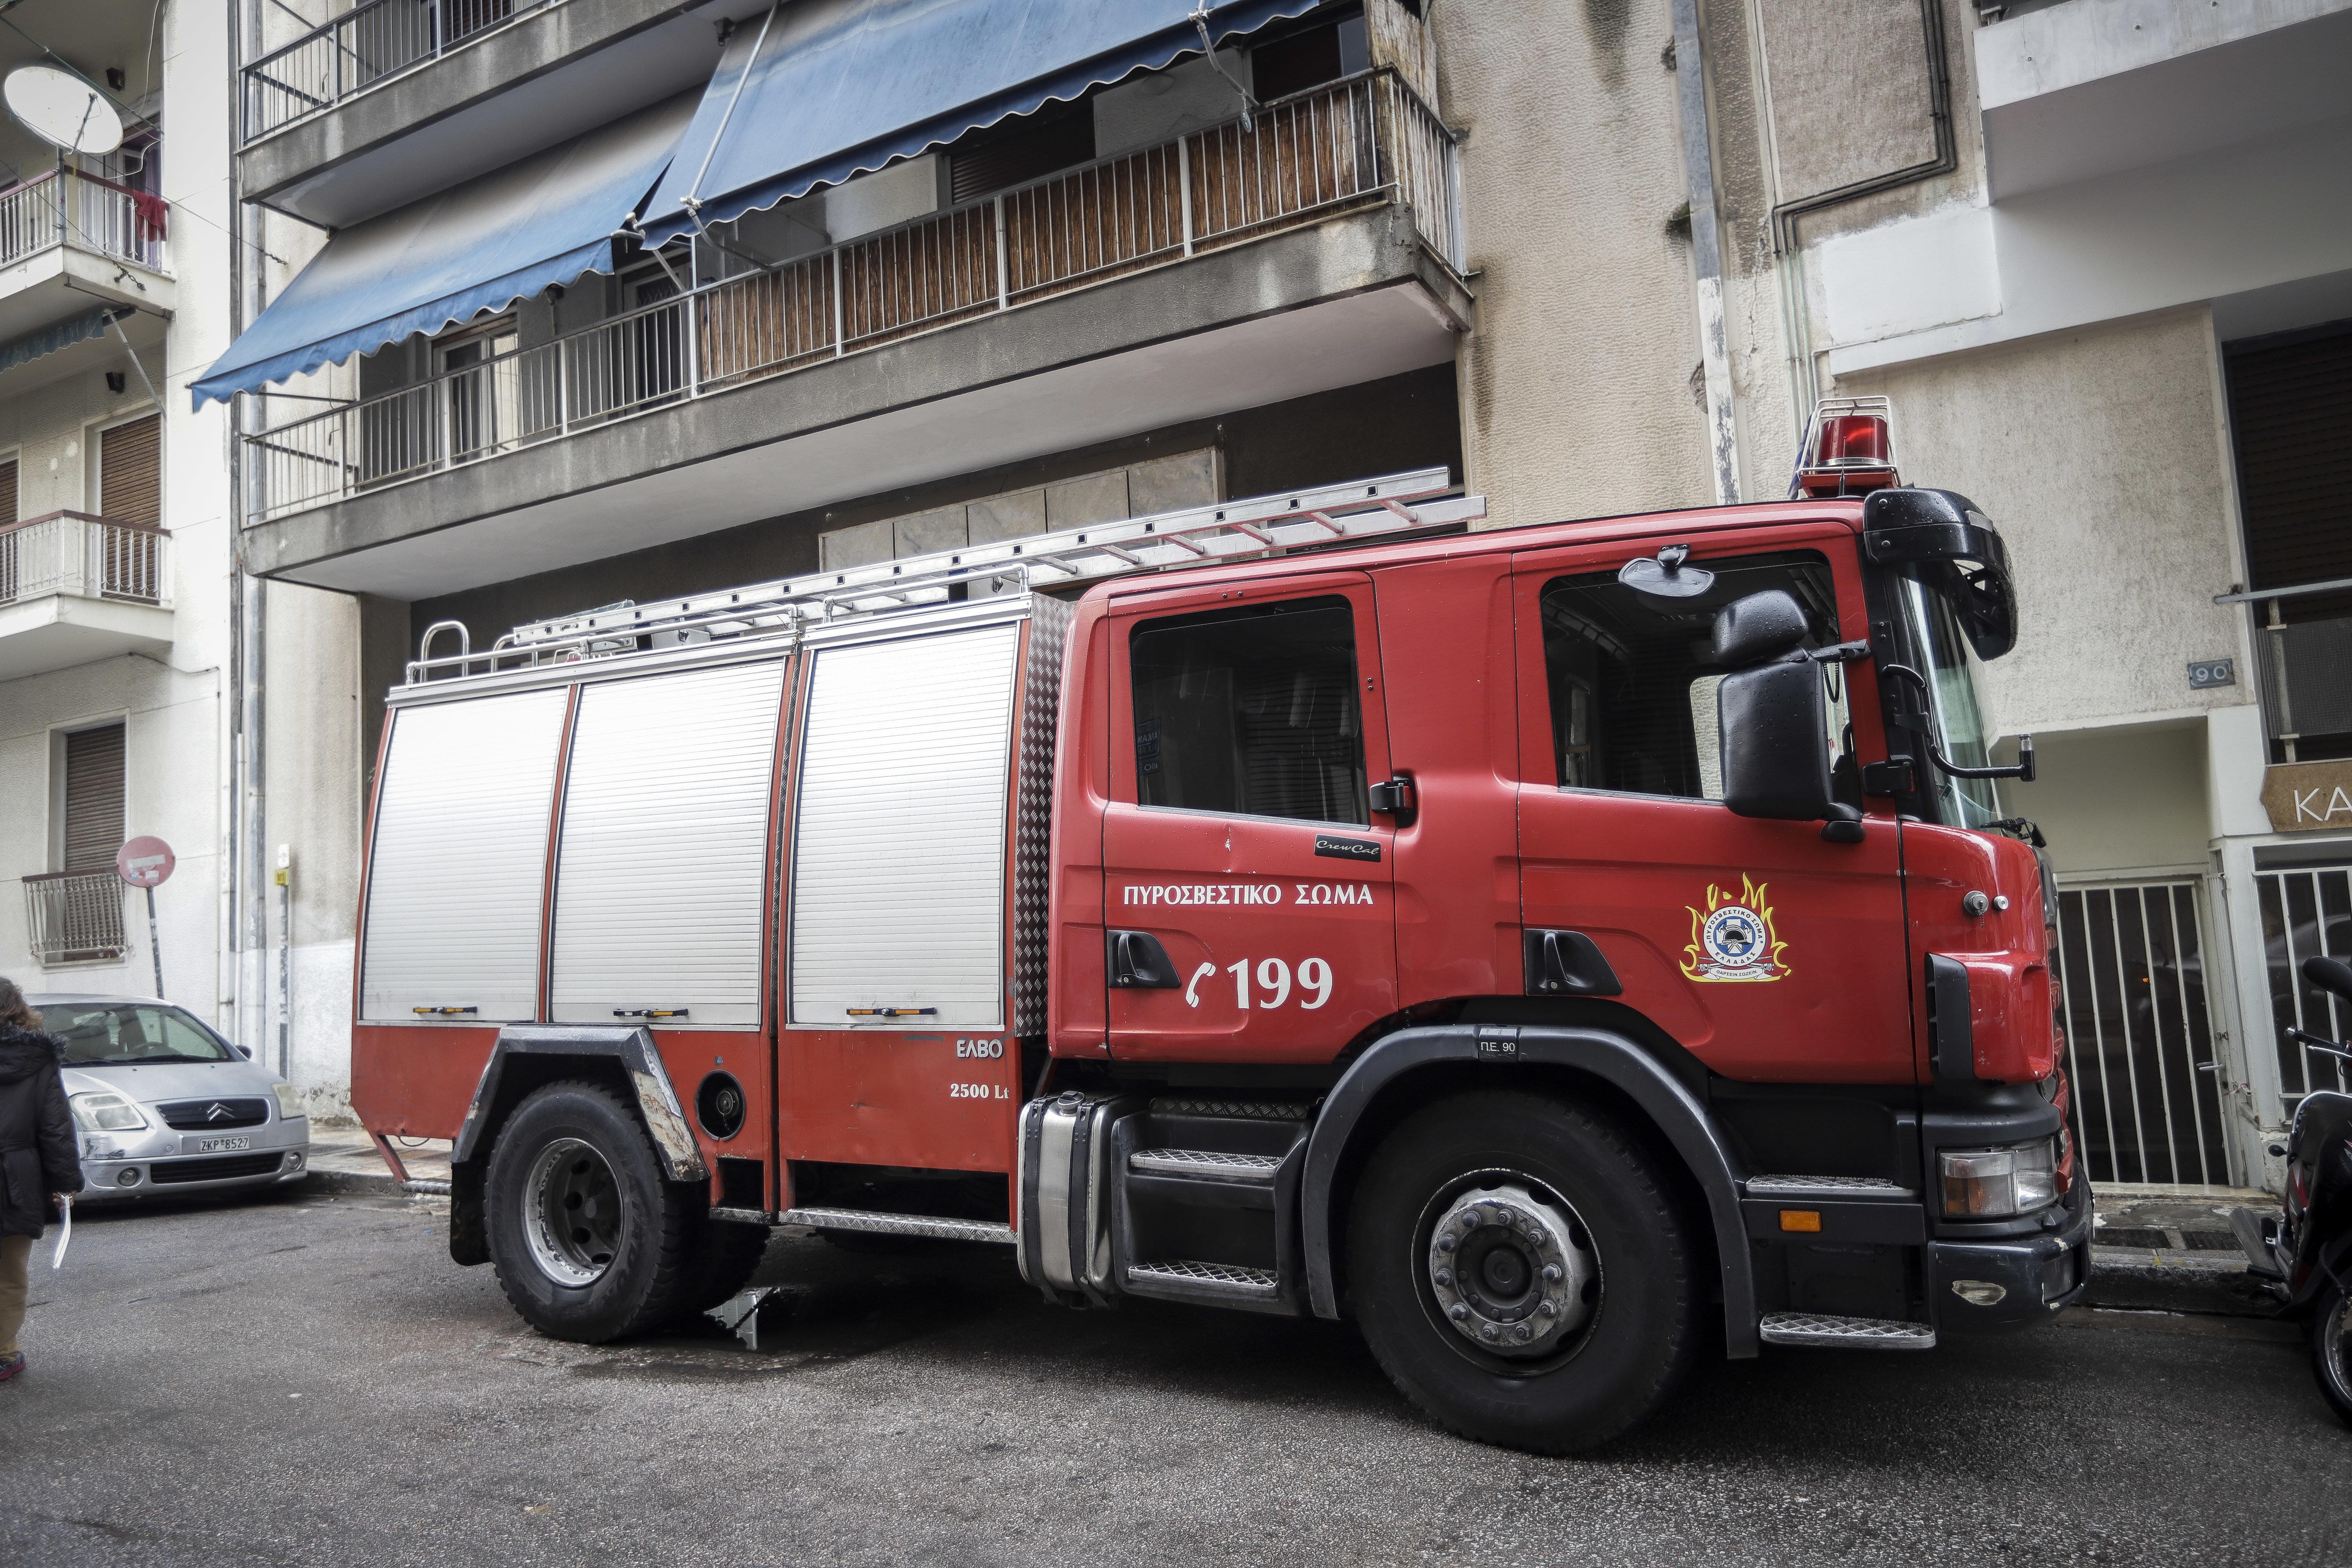 Παραλίγο τραγωδία στην Καλλιθέα: Πυροσβέστες έσωσαν δύο 5χρονα από